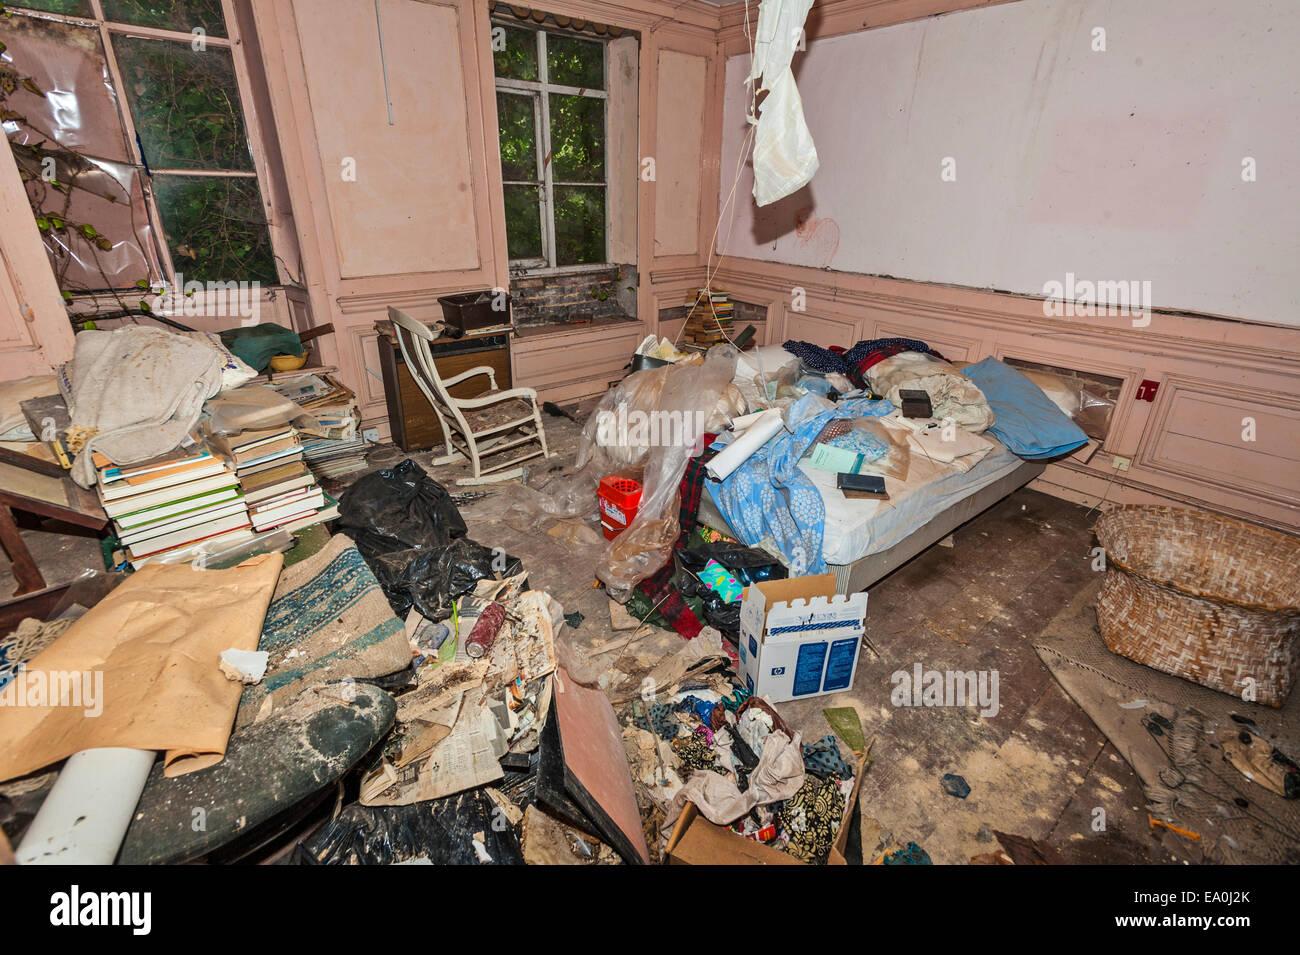 Un caotico camera riempita di posta indesiderata, in una casa abbandonata Immagini Stock